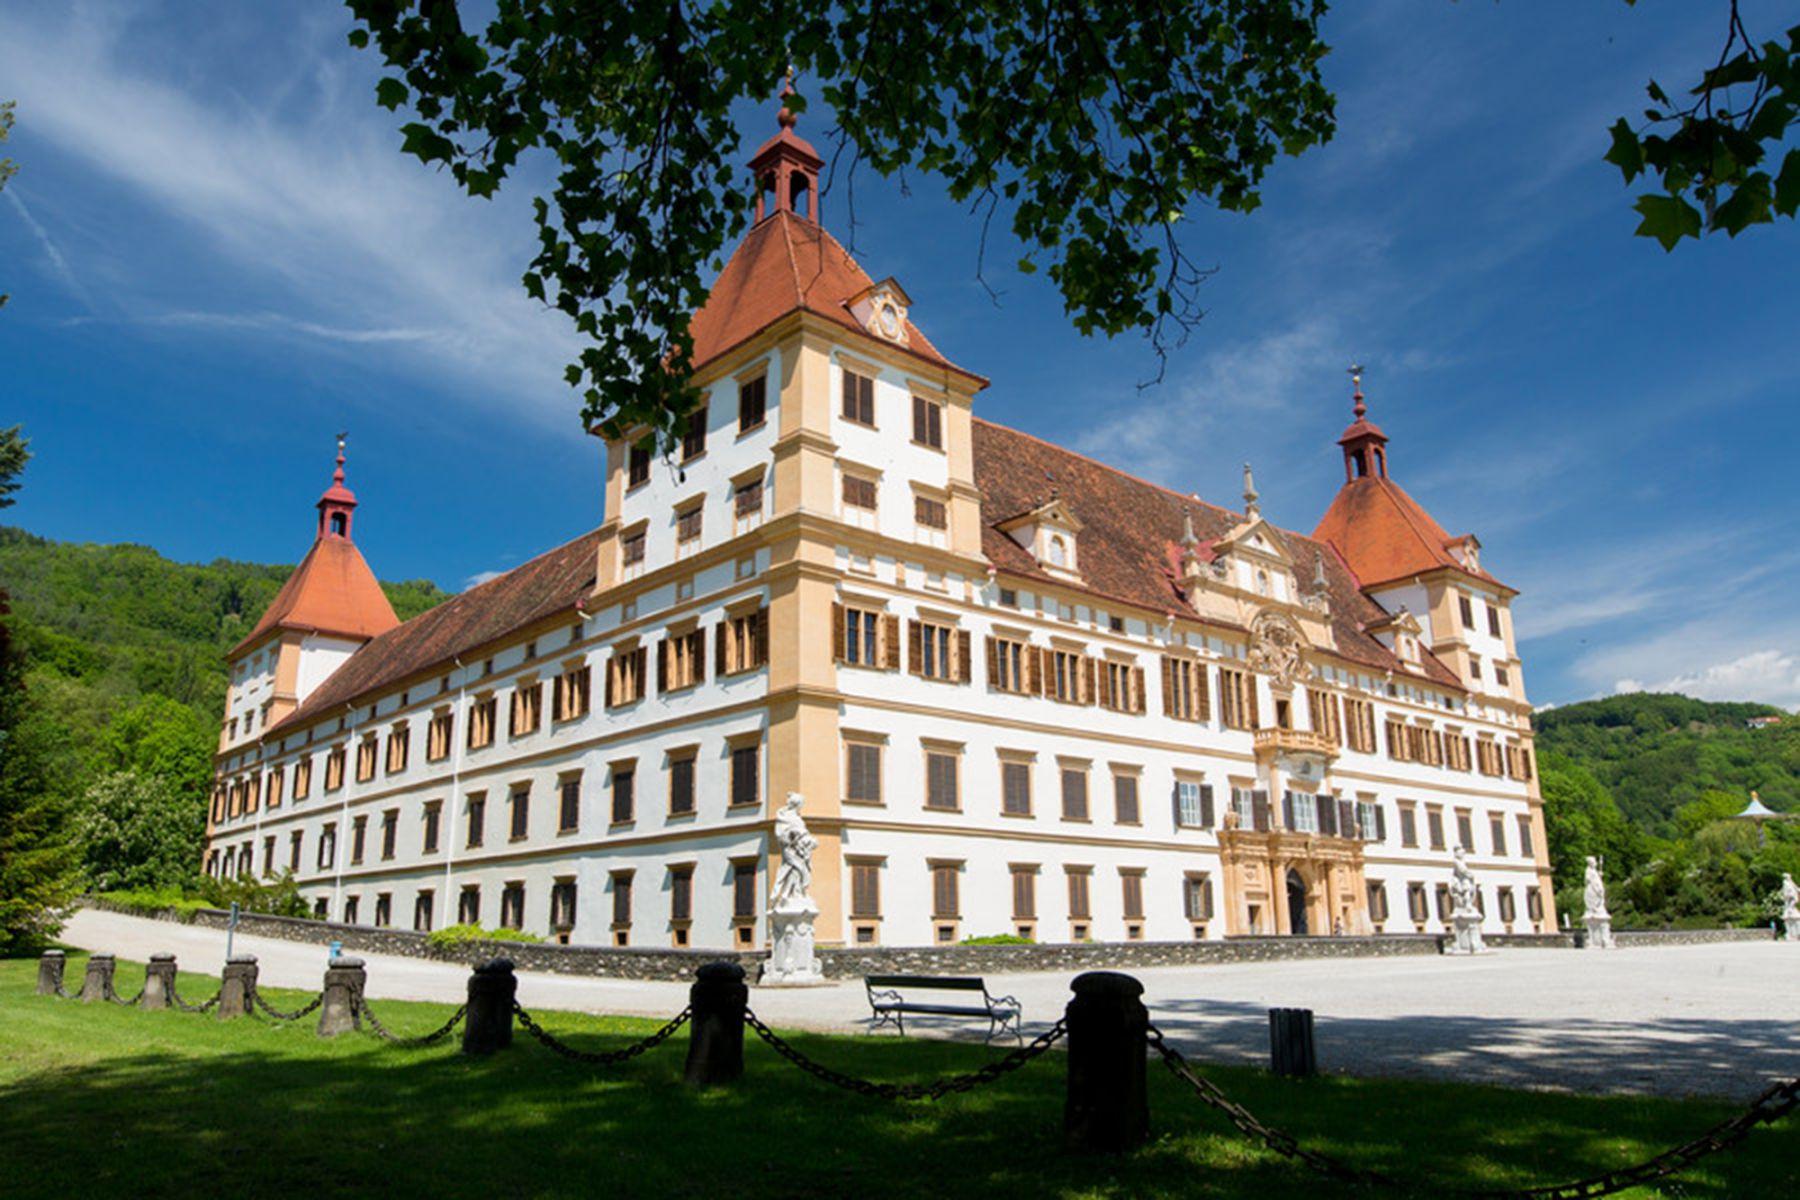 Uitzicht over Schloss Eggenberg | credit: Graz Tourismus - Harry Schiffer